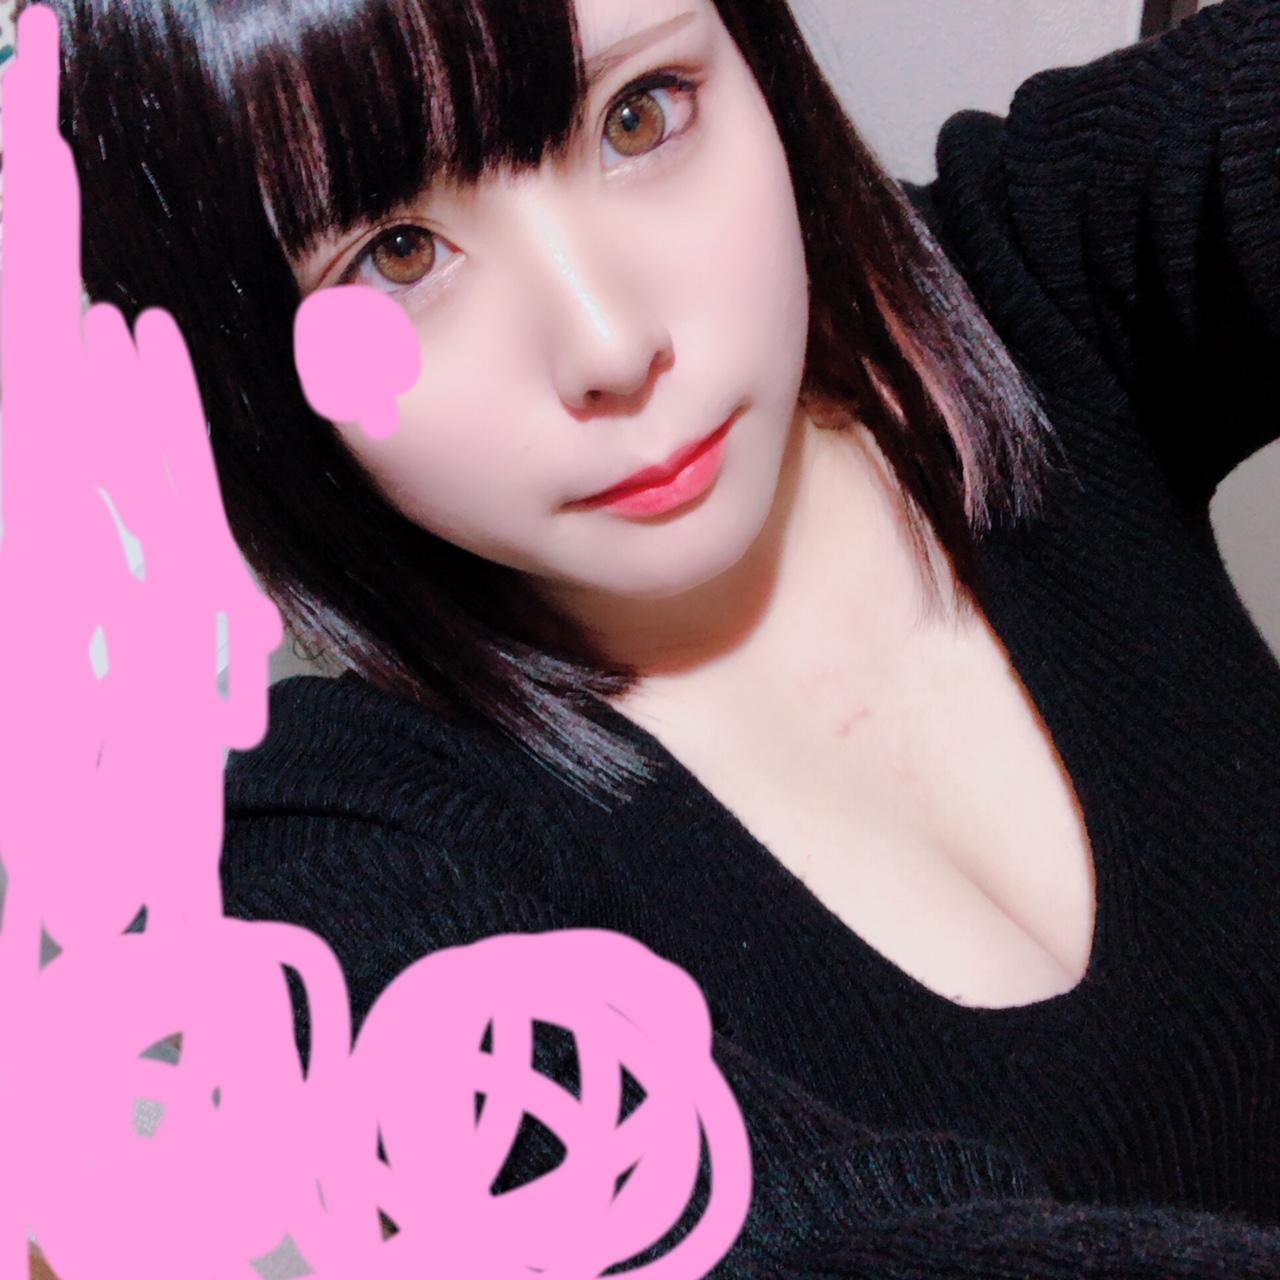 「時間変更!」11/16(11/16) 18:24 | ちさとの写メ・風俗動画